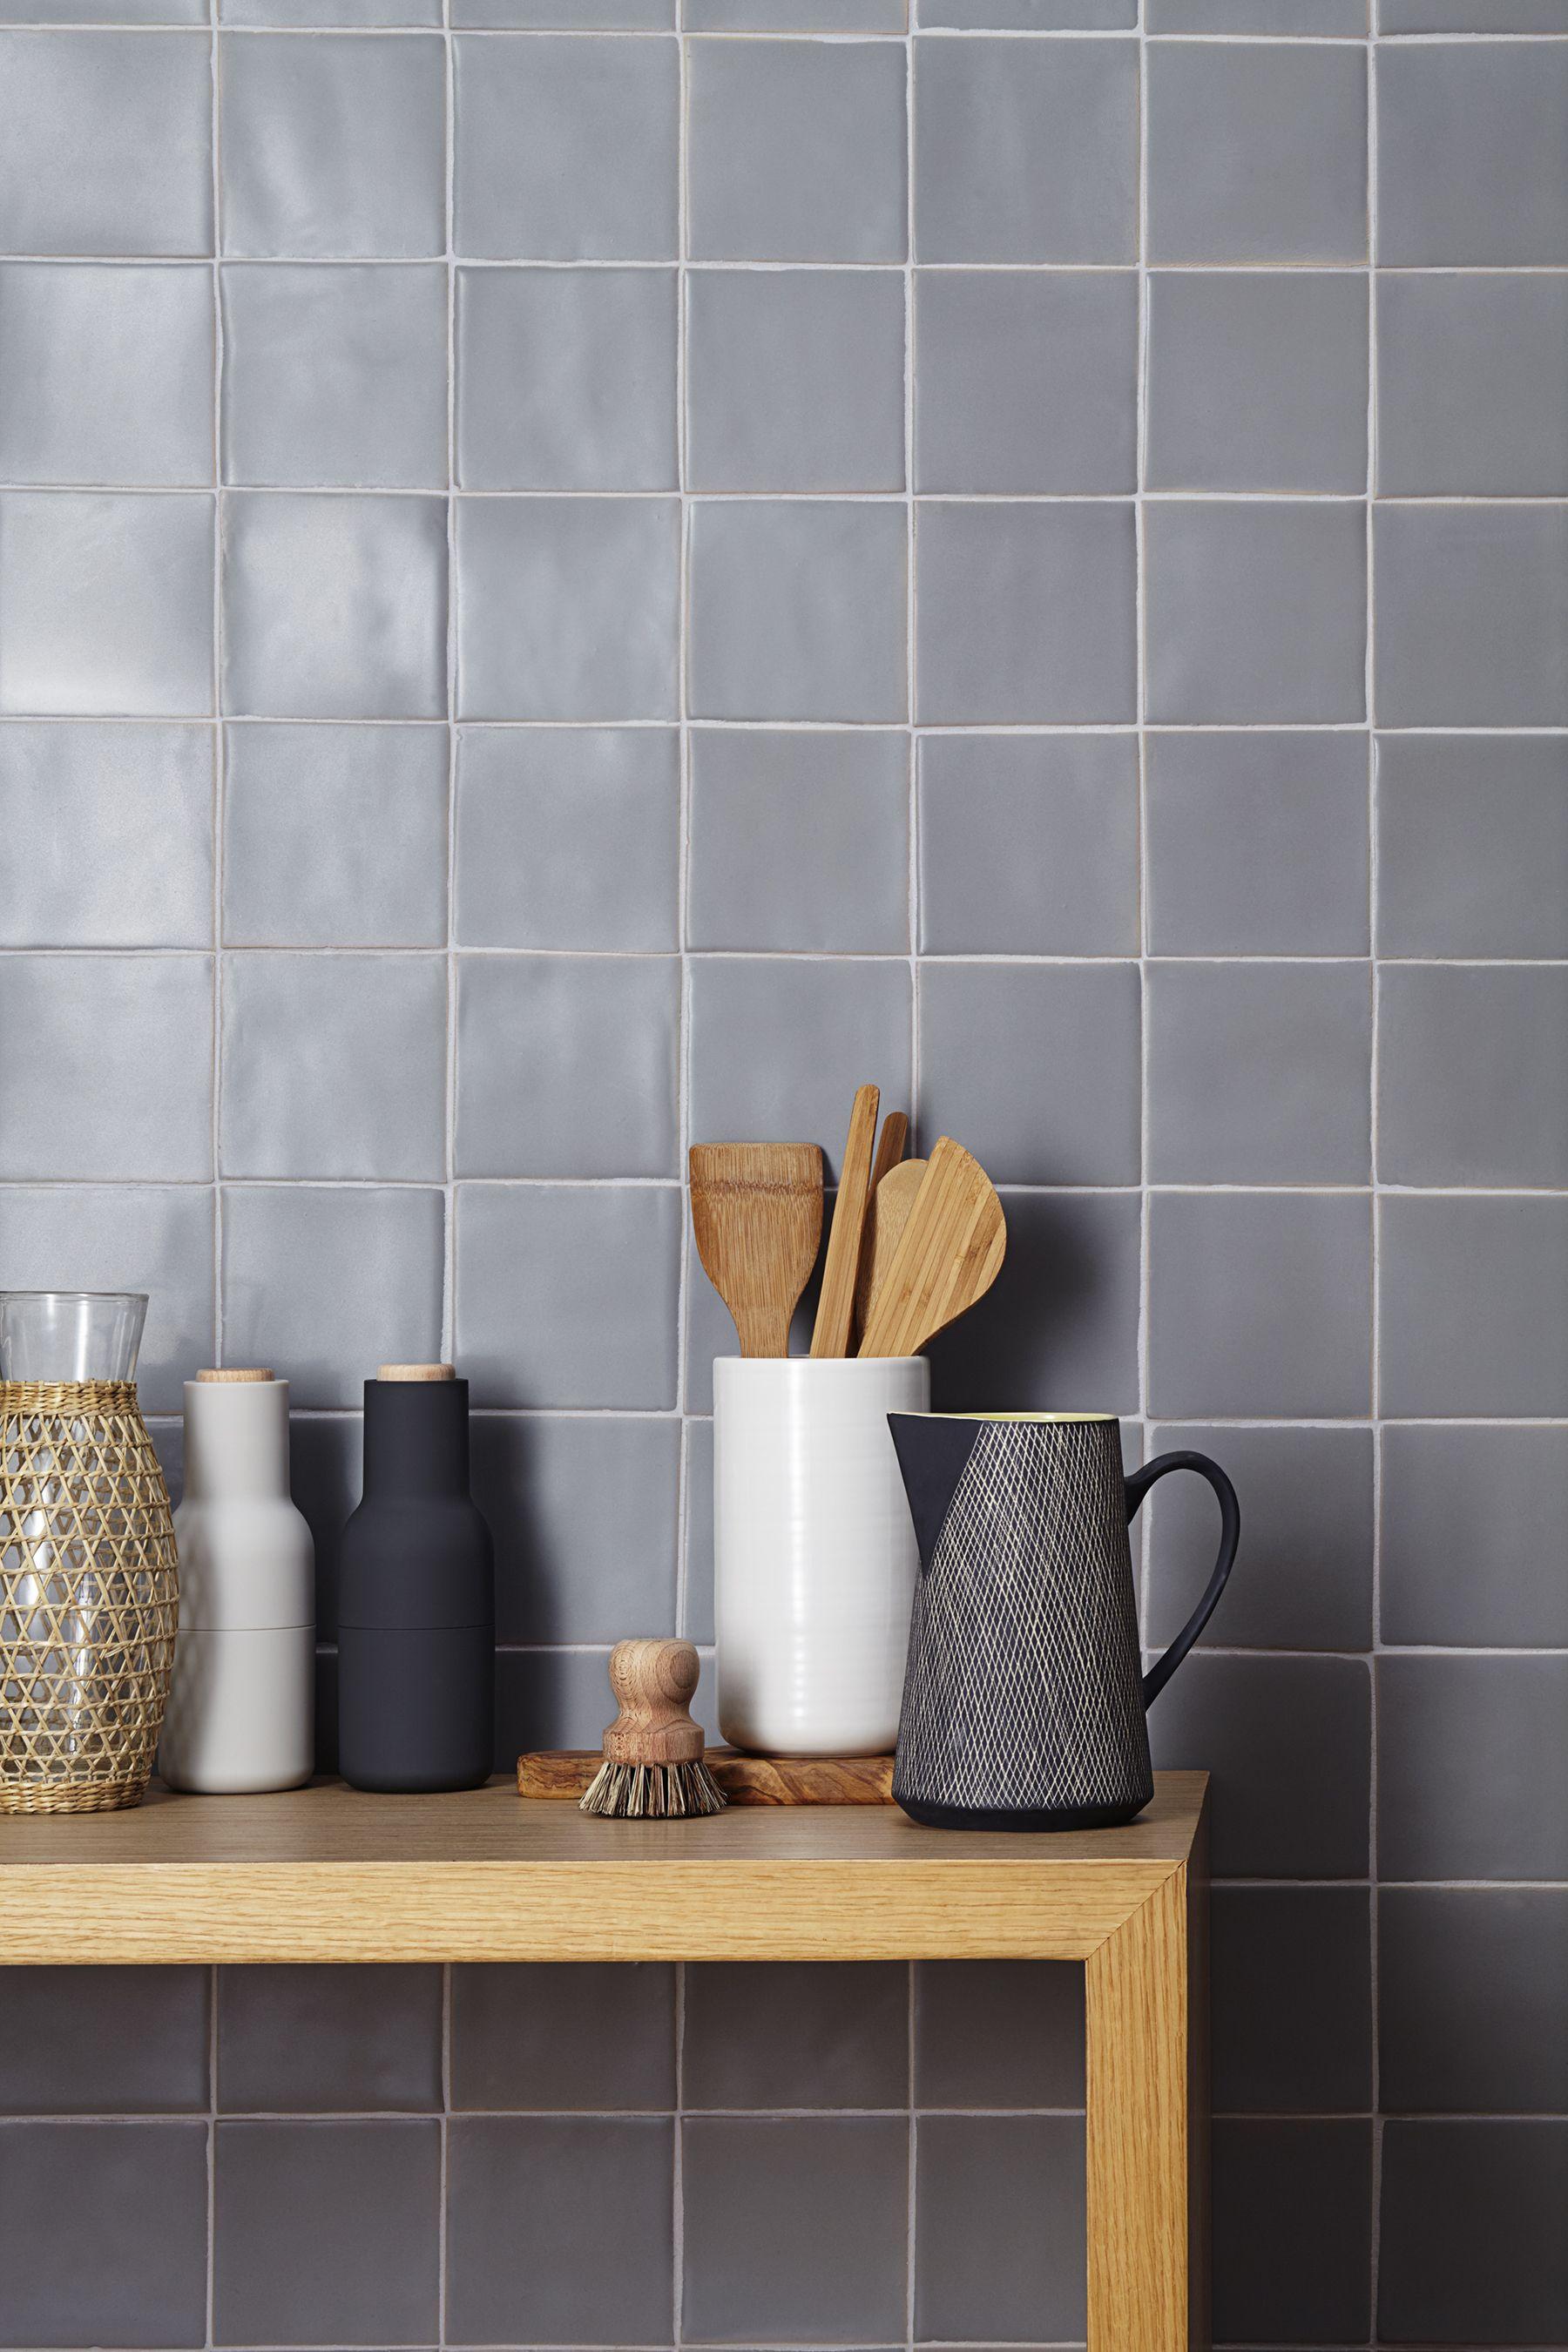 Handmade New Terracotta Tiles Matte Grey Square